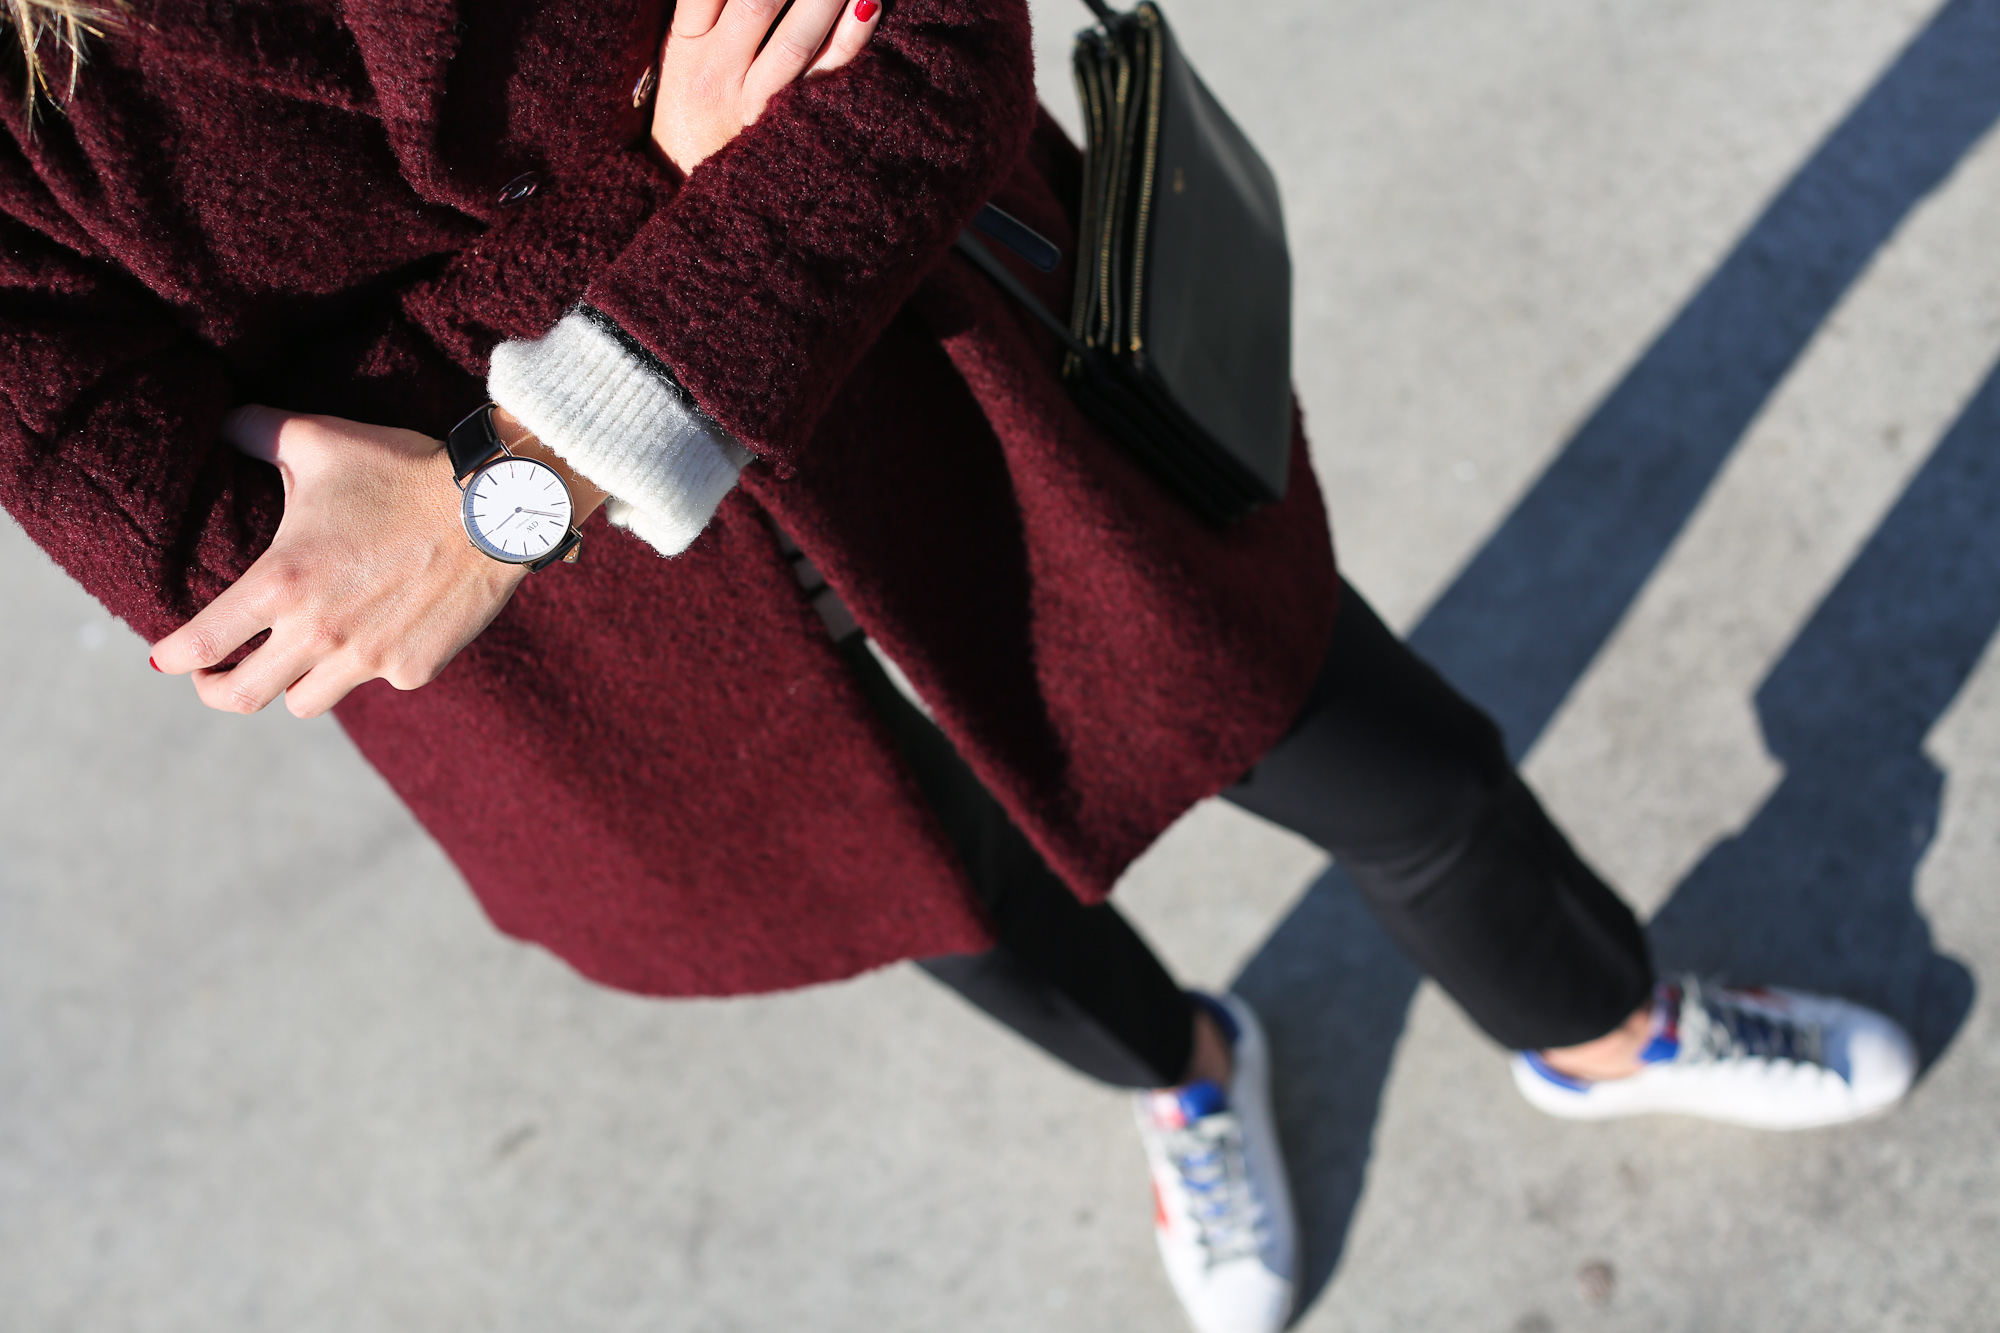 Clochet_streetstyle_golden_goose_deluxe_brand_sneakers_burgundy_coat-14